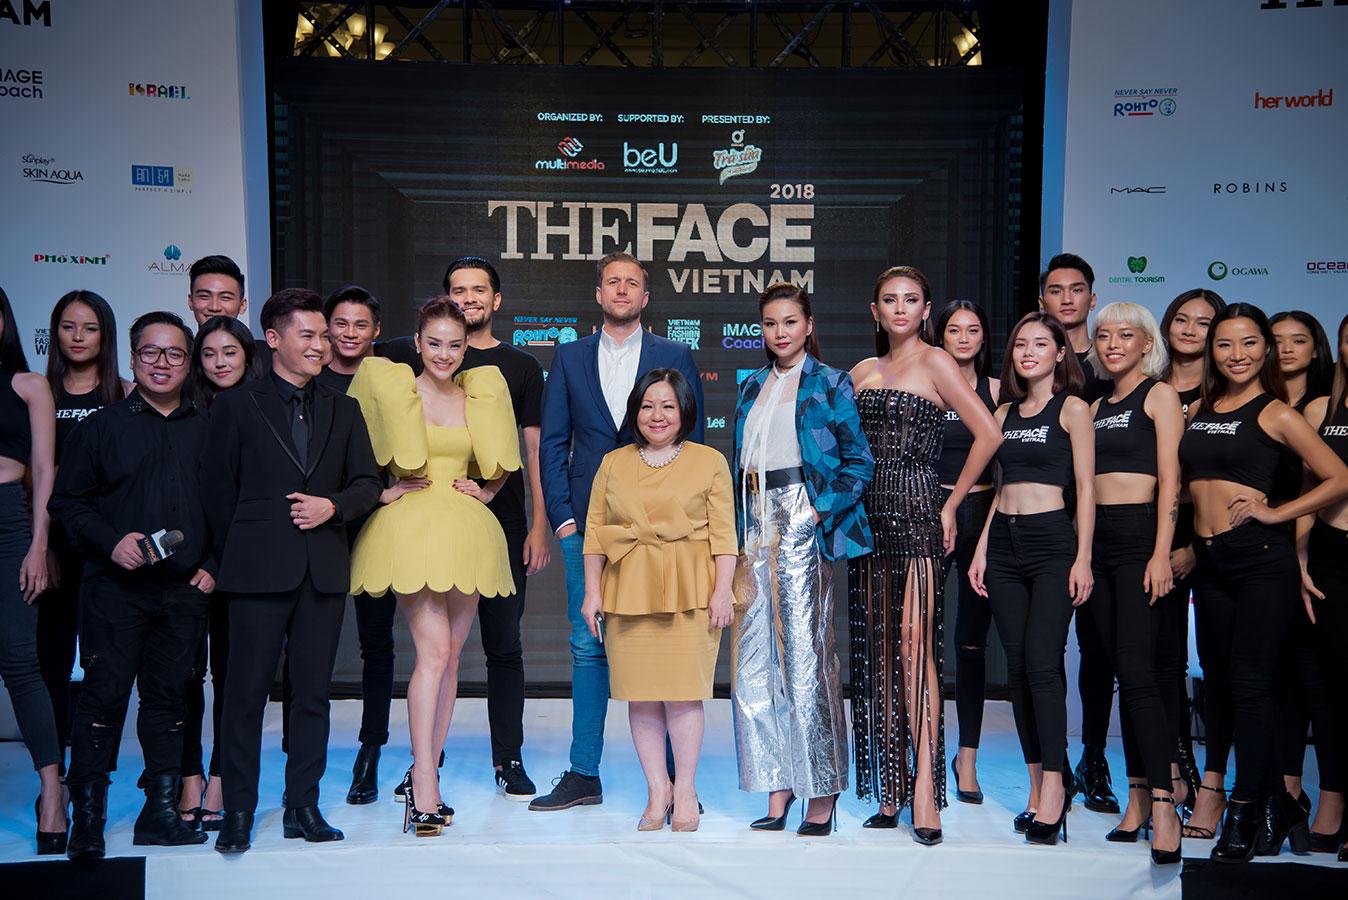 Cuộc thi The Face Vietnam 2020 khởi động với màn Voting online